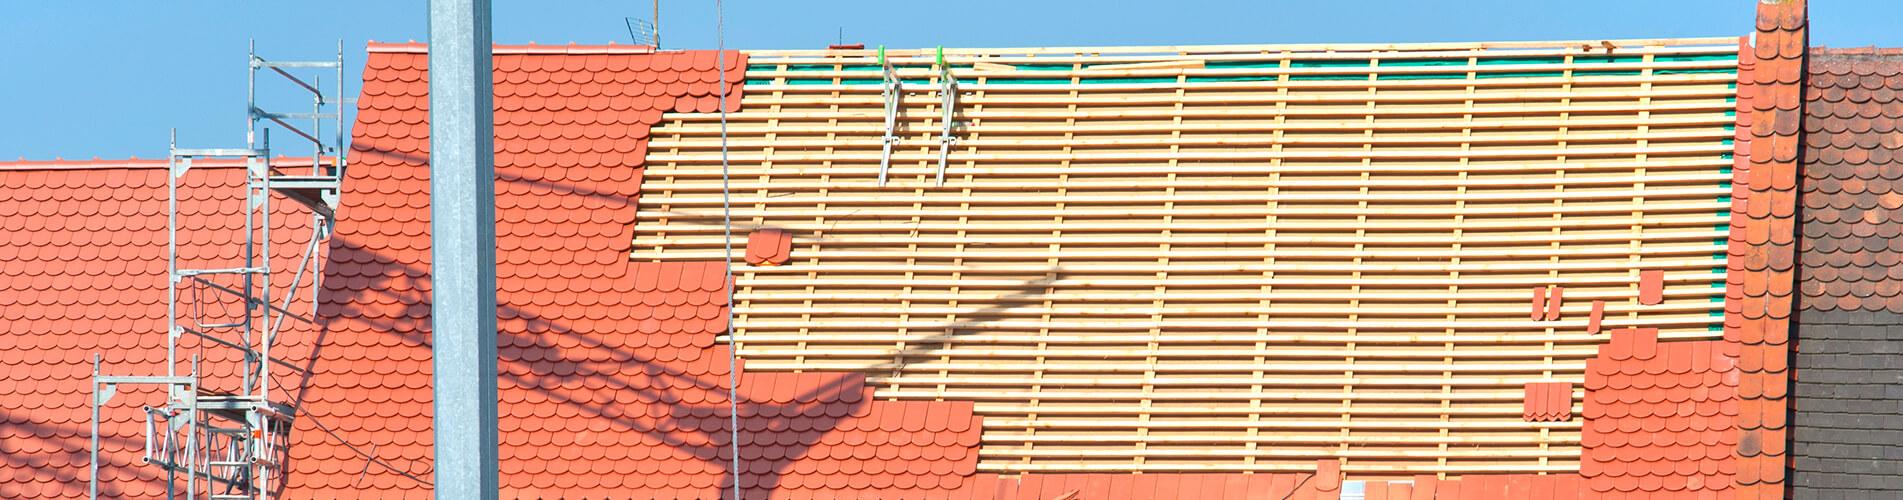 Dachbauten, Dachstuhl, Dacharbeiten, Meisterbetrieb